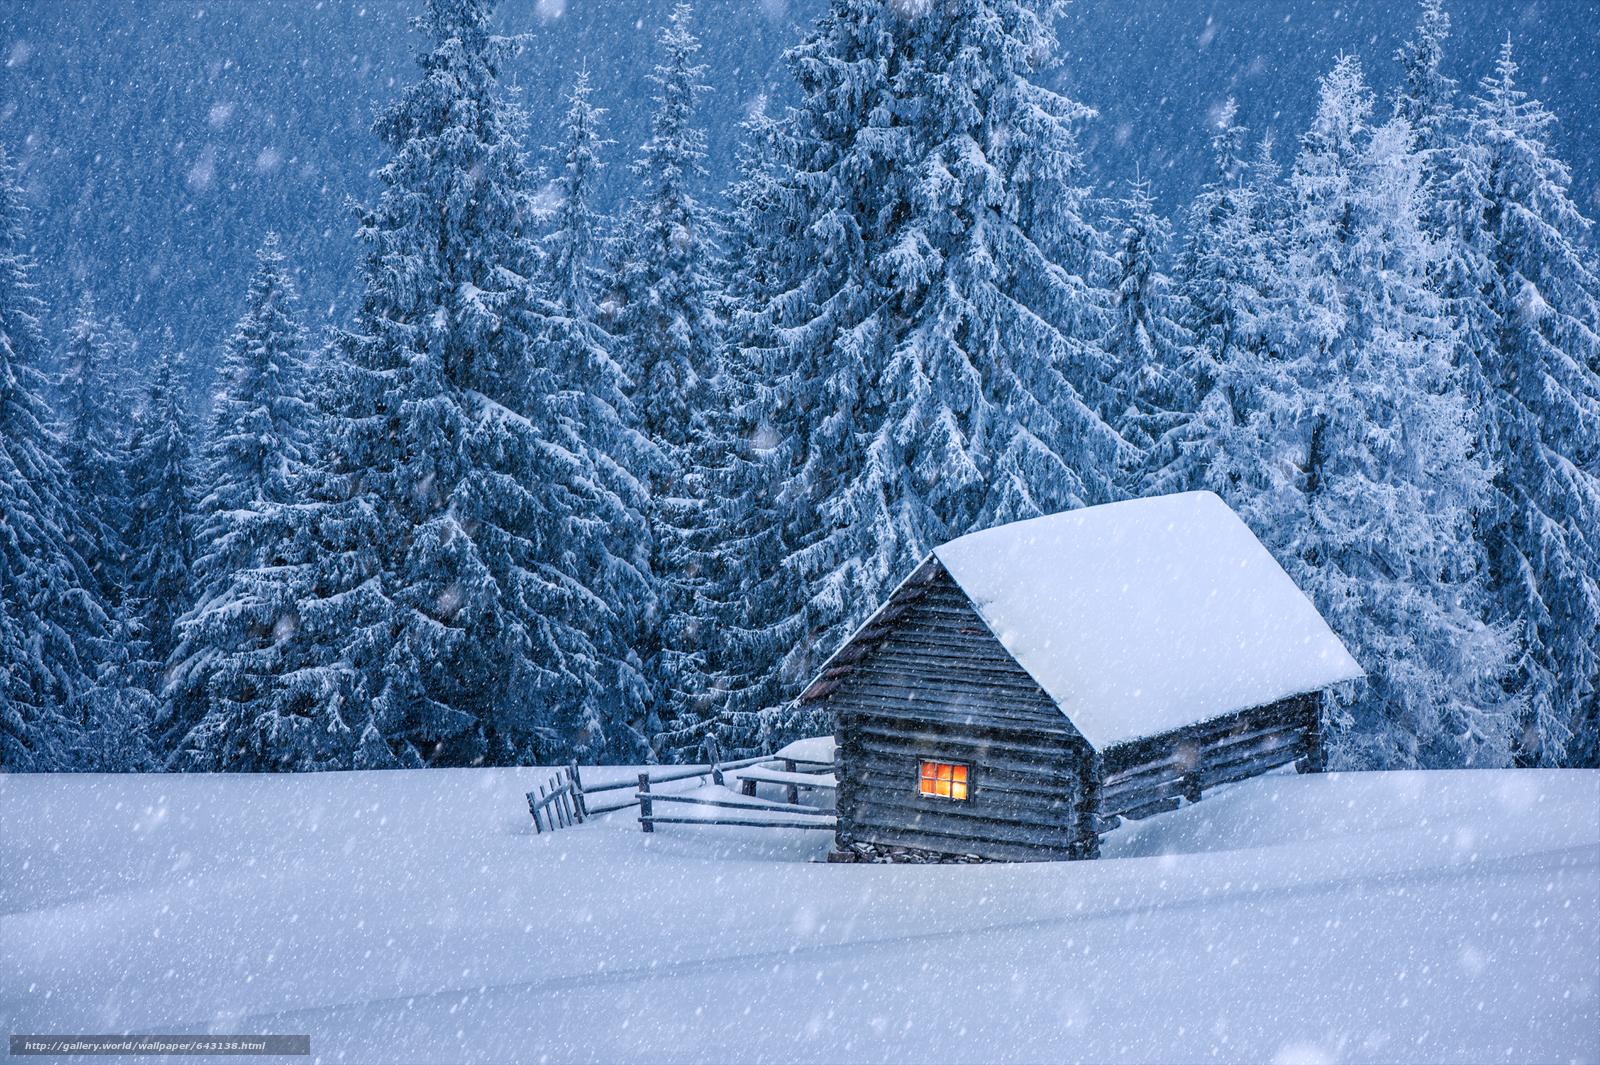 Скачать обои зима,  снег,  сугробы,  деревья бесплатно для рабочего стола в разрешении 8512x5664 — картинка №643138